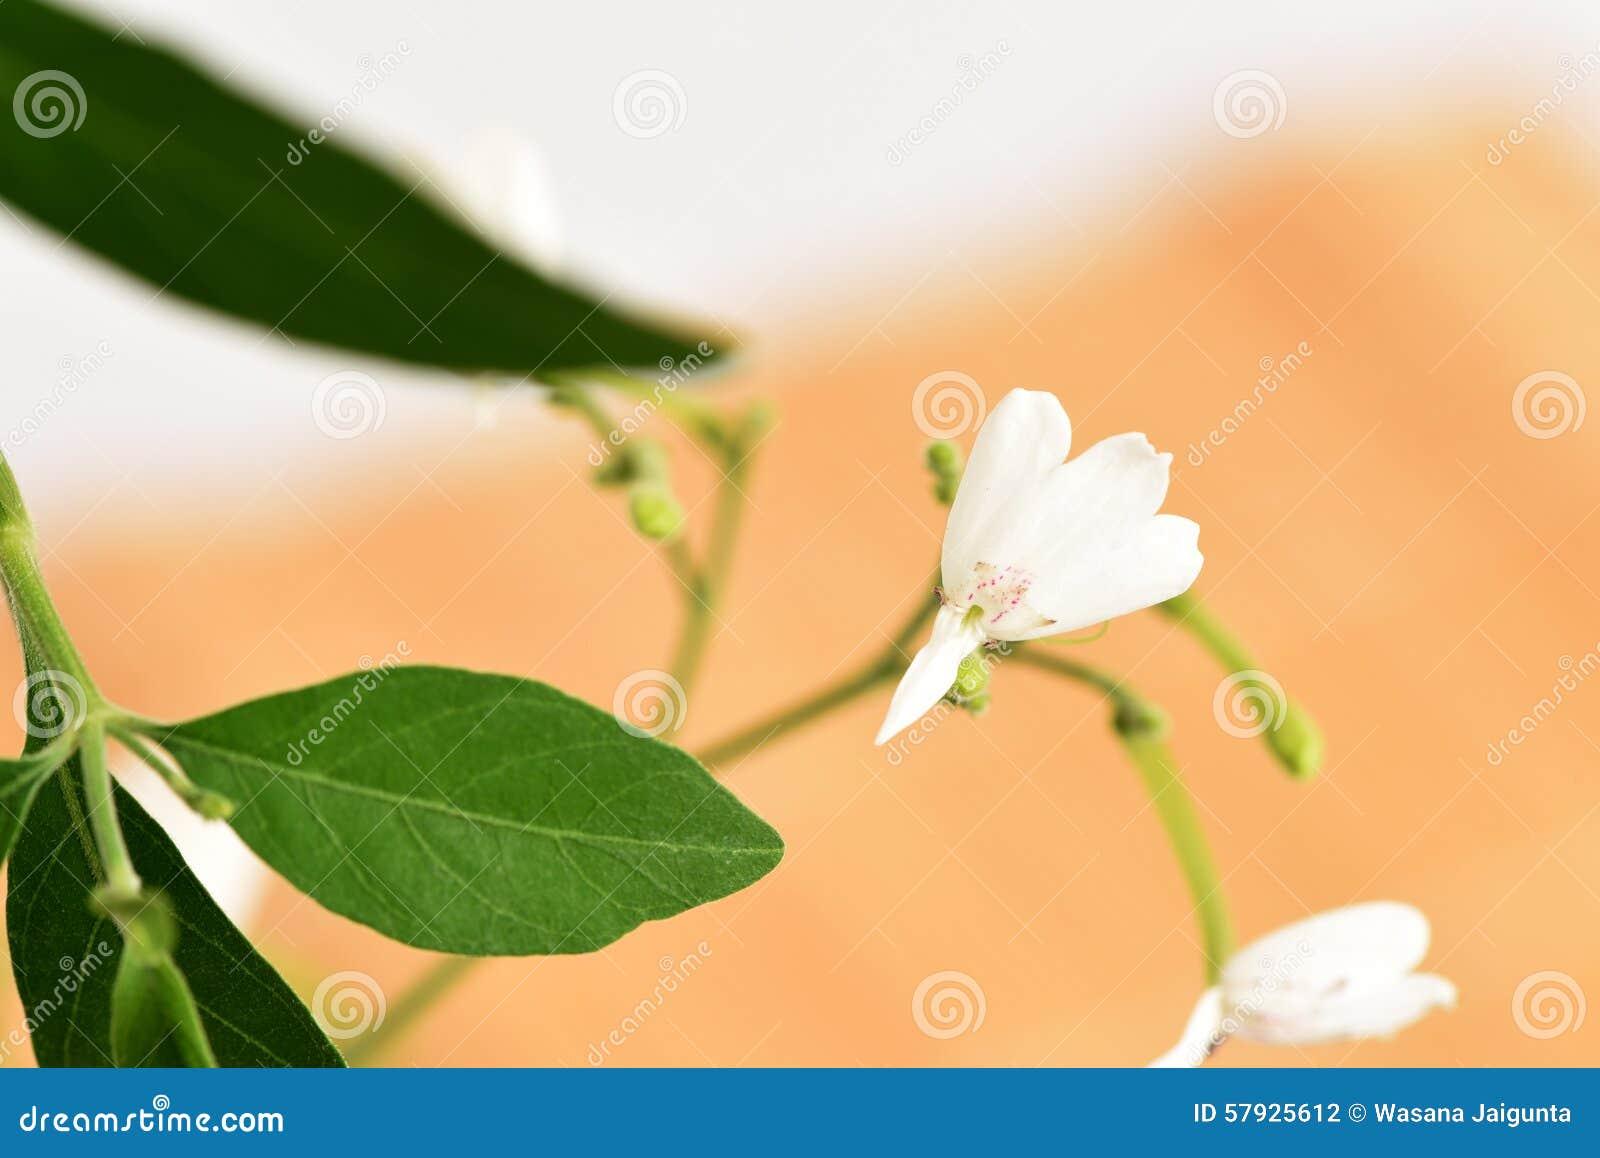 White Crane Flower Rhinacanthus Nasutus L Kurz Stock Photo